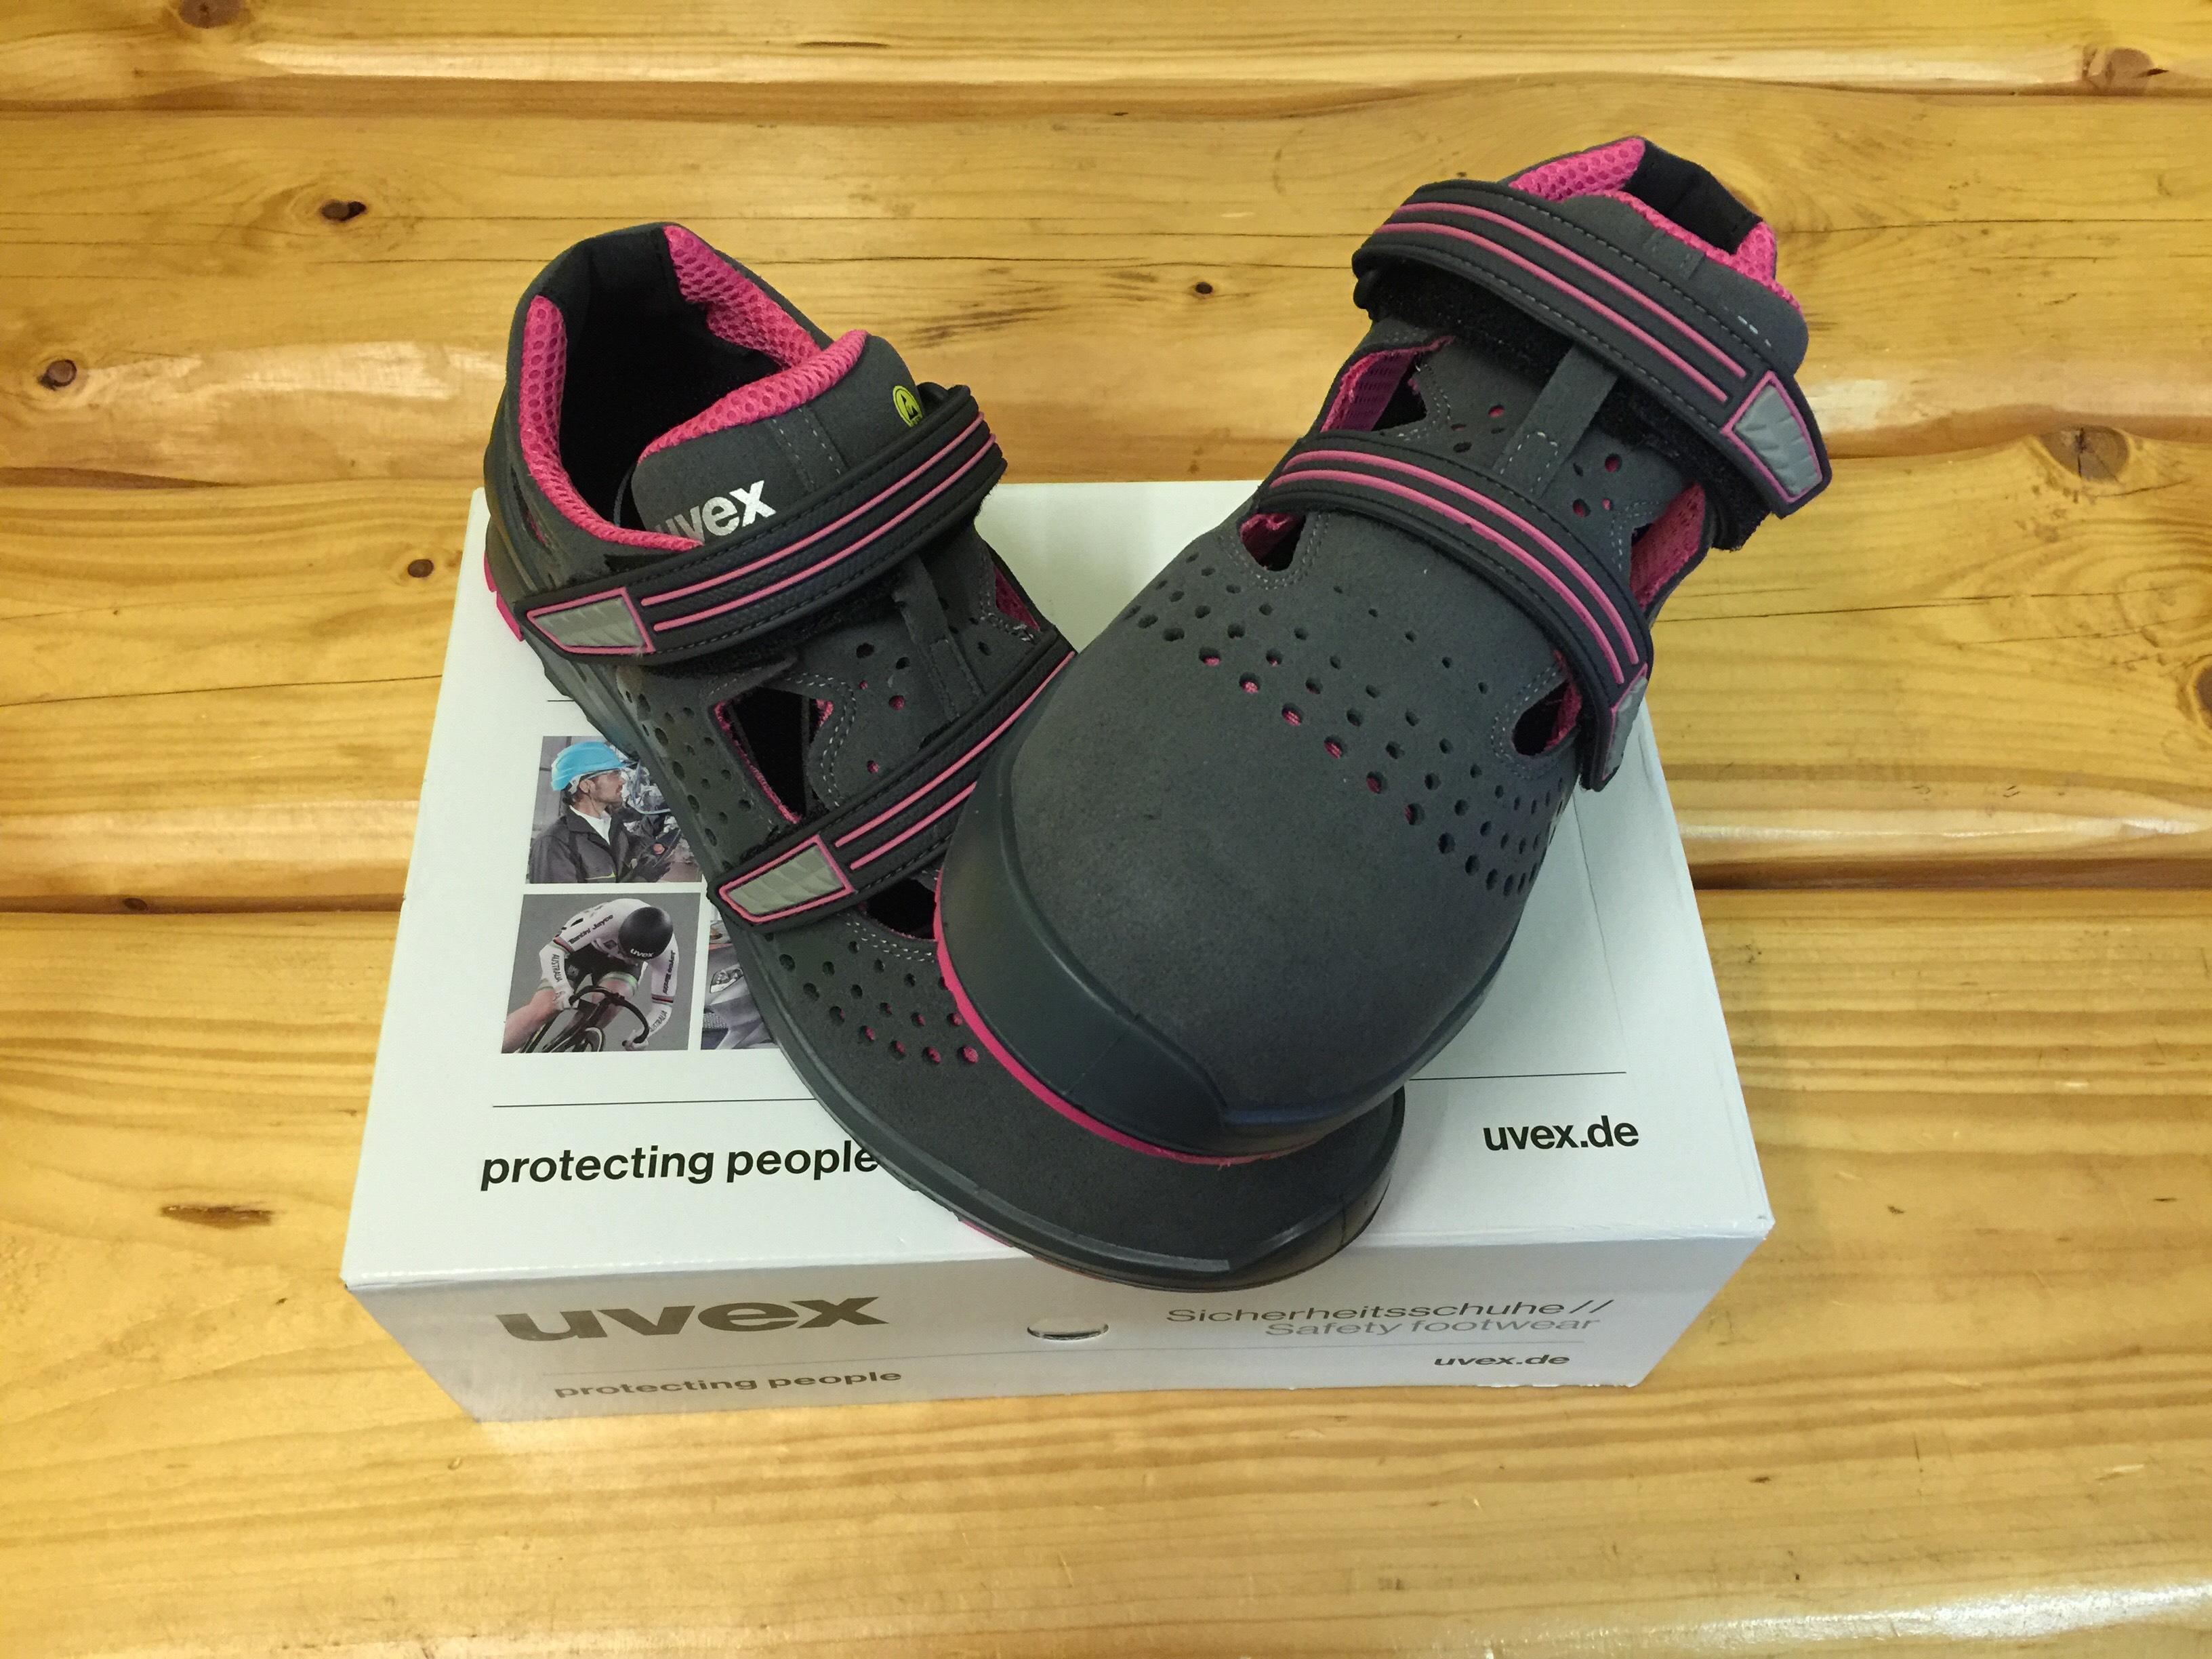 95.00. Dobierka 3.90 €. Dámske pracovné sandále S1 s bezpečnostnou špičkou  a protišmykovou podrážkou UVEX 8560 S1 SRC Ladies ce0caf8049e